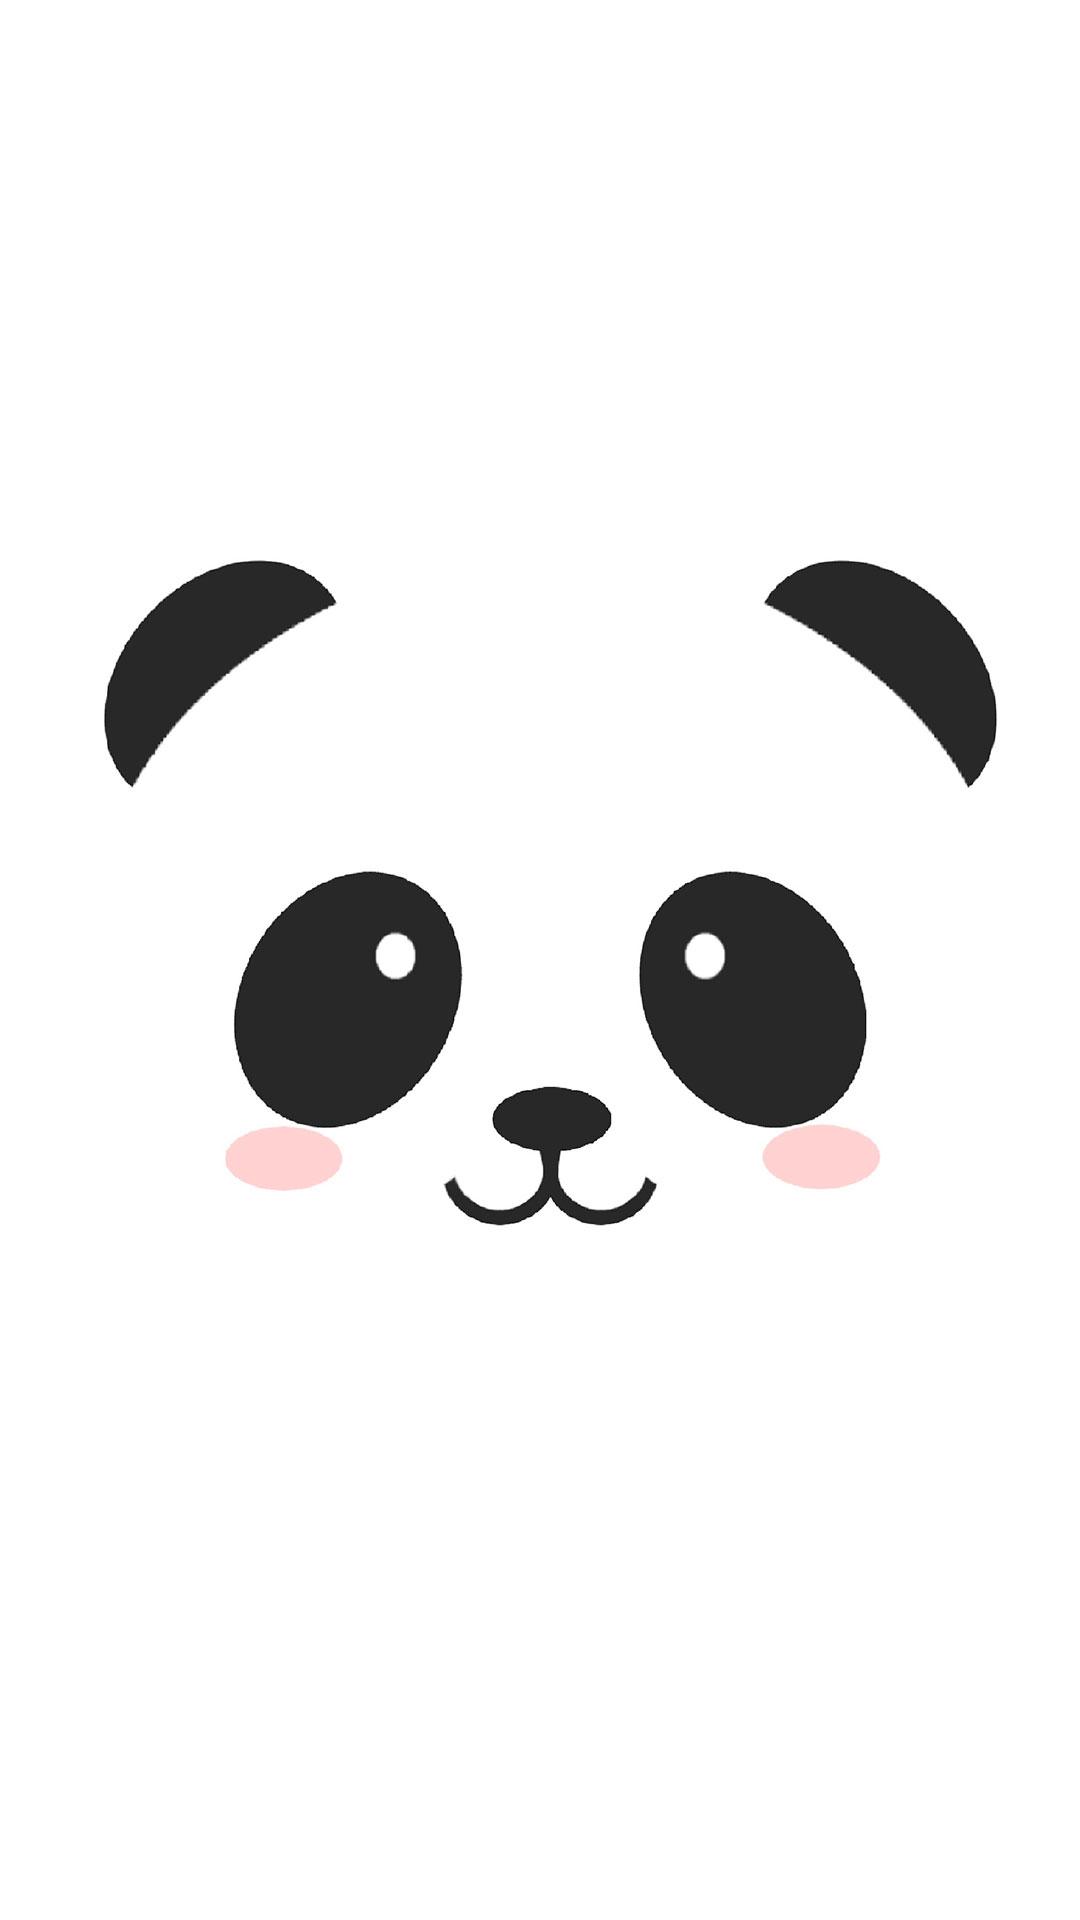 Panda Wallpaper For Iphone X 8 7 6